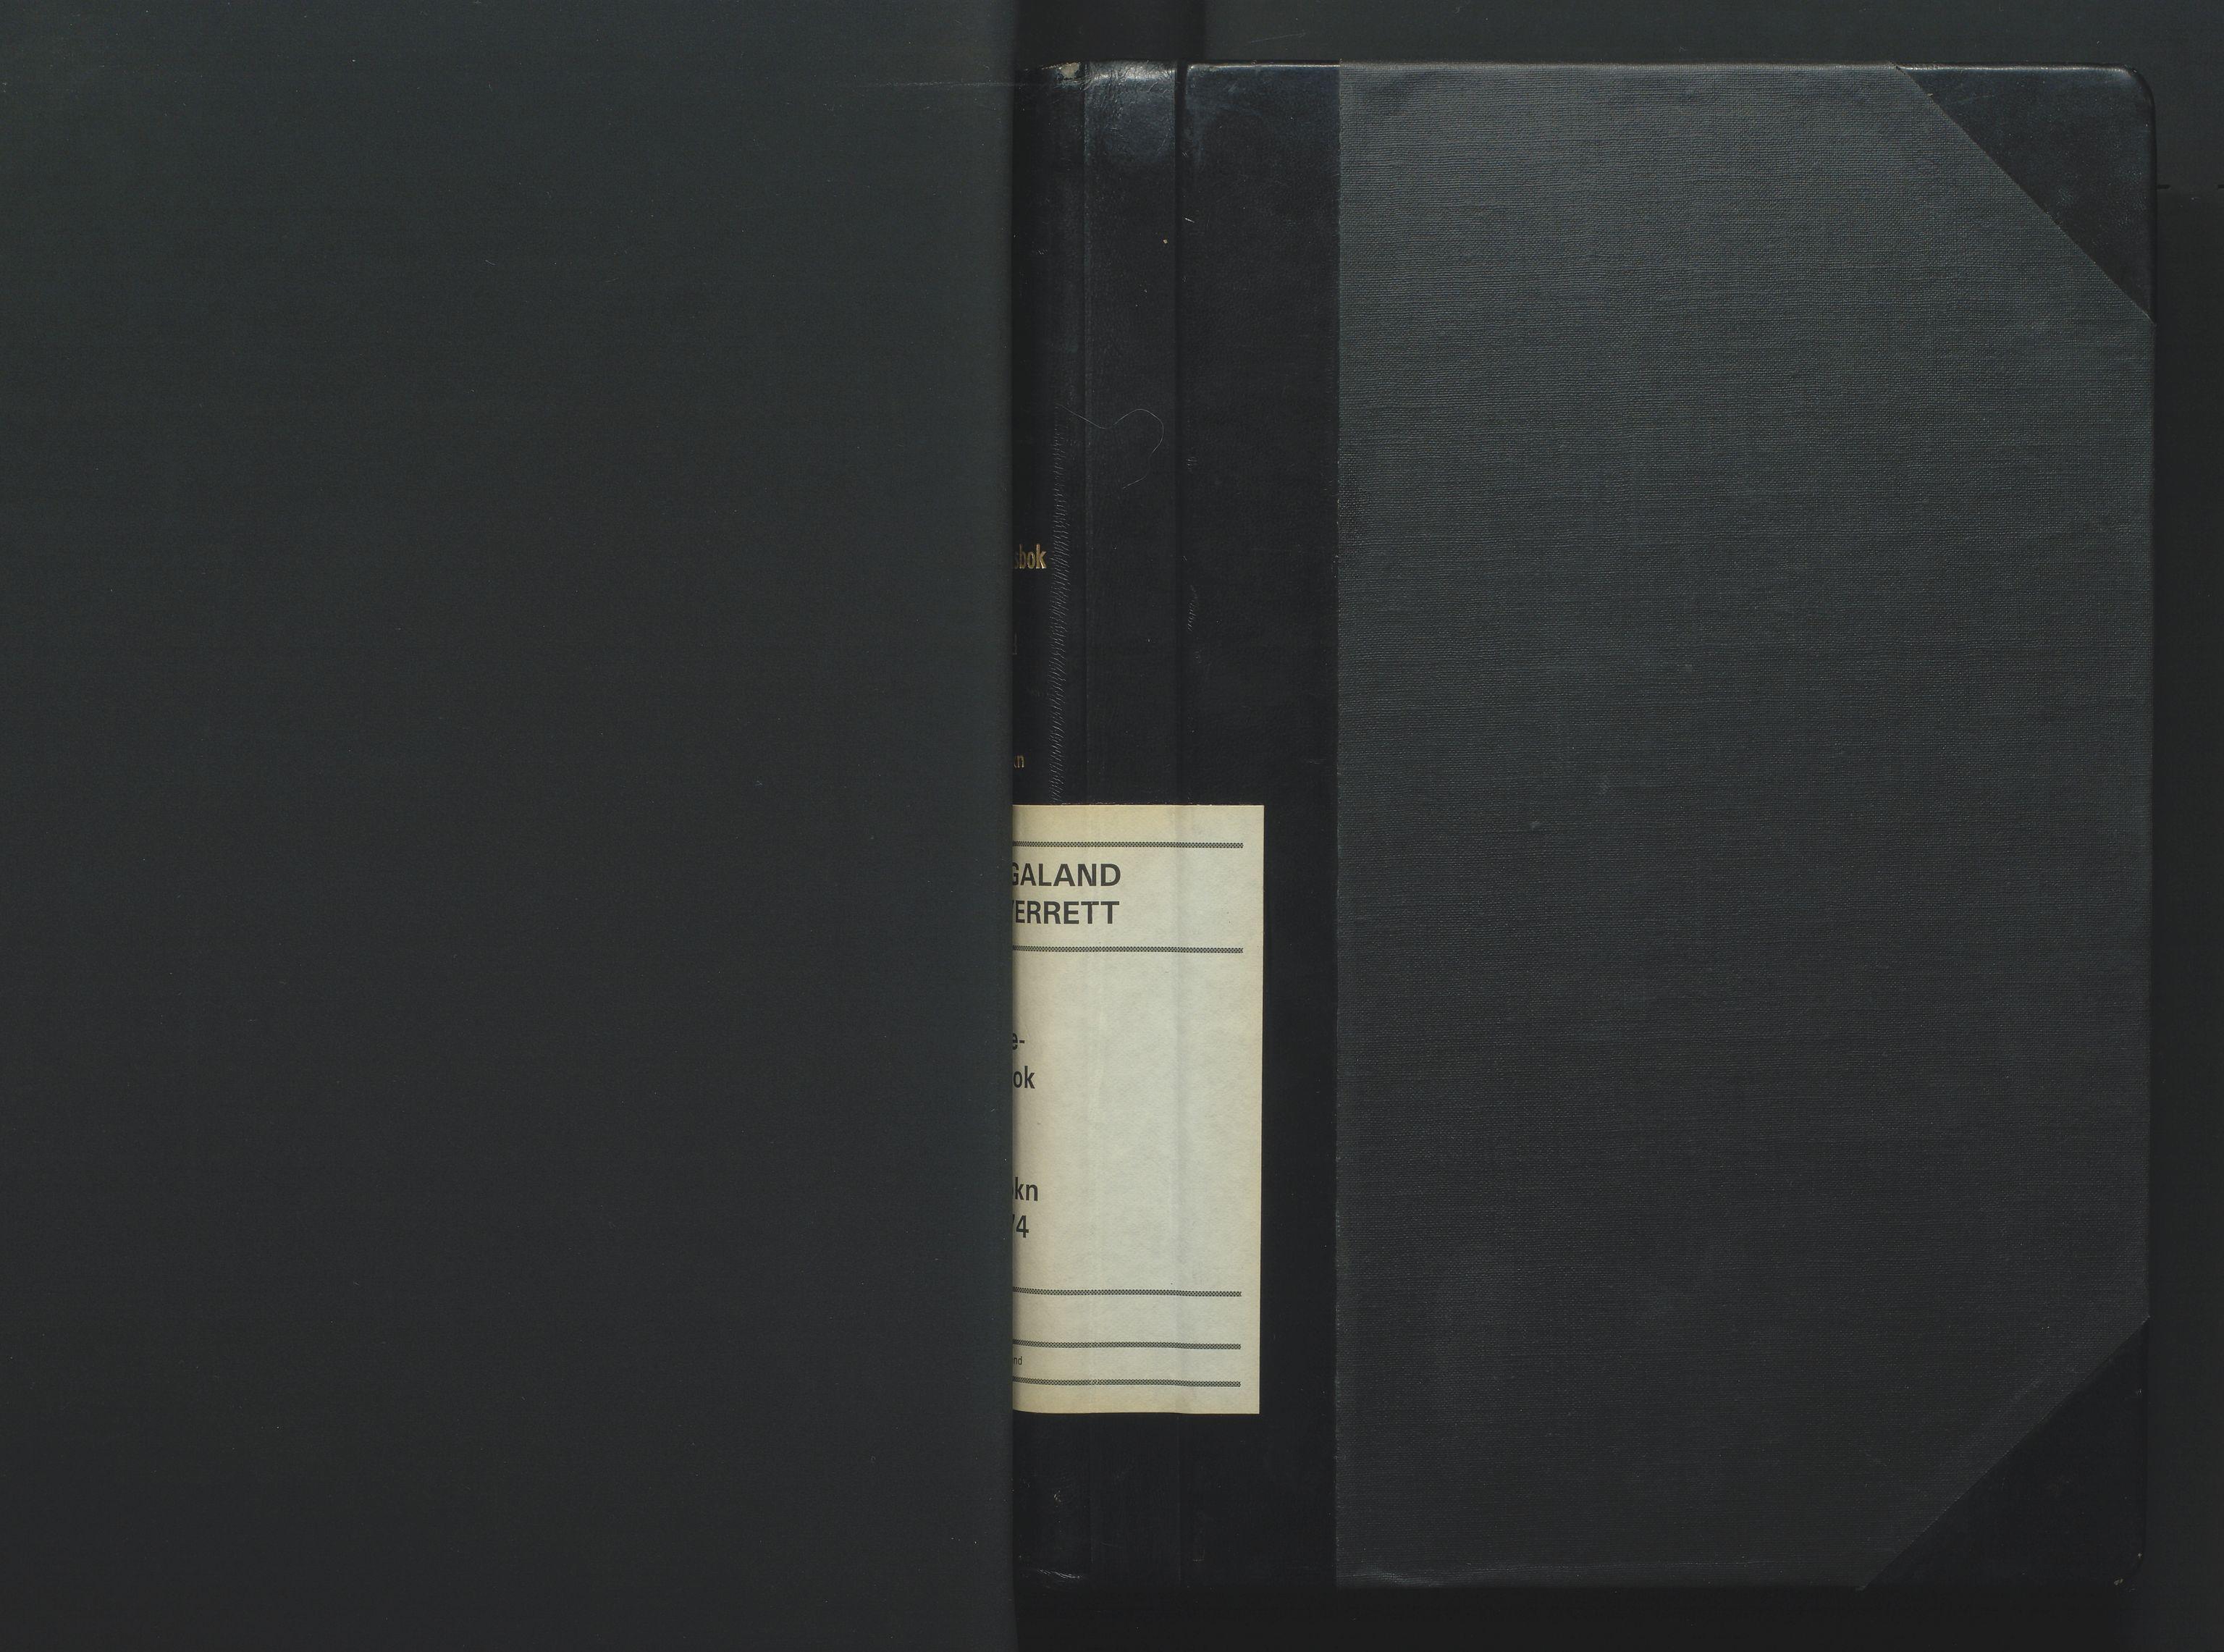 SAK, Jordskifteoverdommeren i Agder og Rogaland, F/Fa/Fab/L0003: Jordskifteoverrettsbok Marnar jordskiftesokn nr 3, 1970-1974